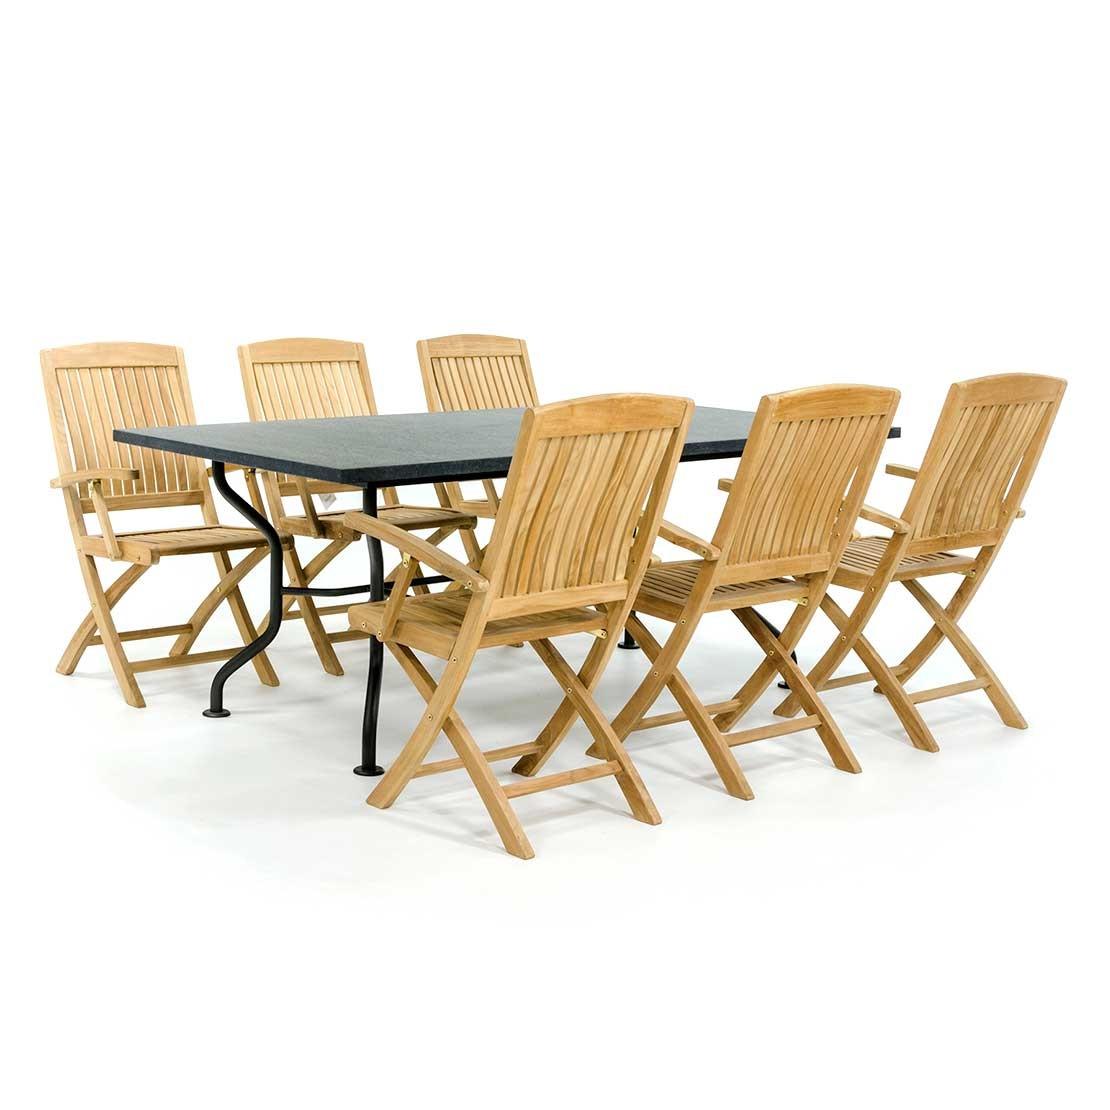 Basalt Gartentisch mit Prince Stühlen